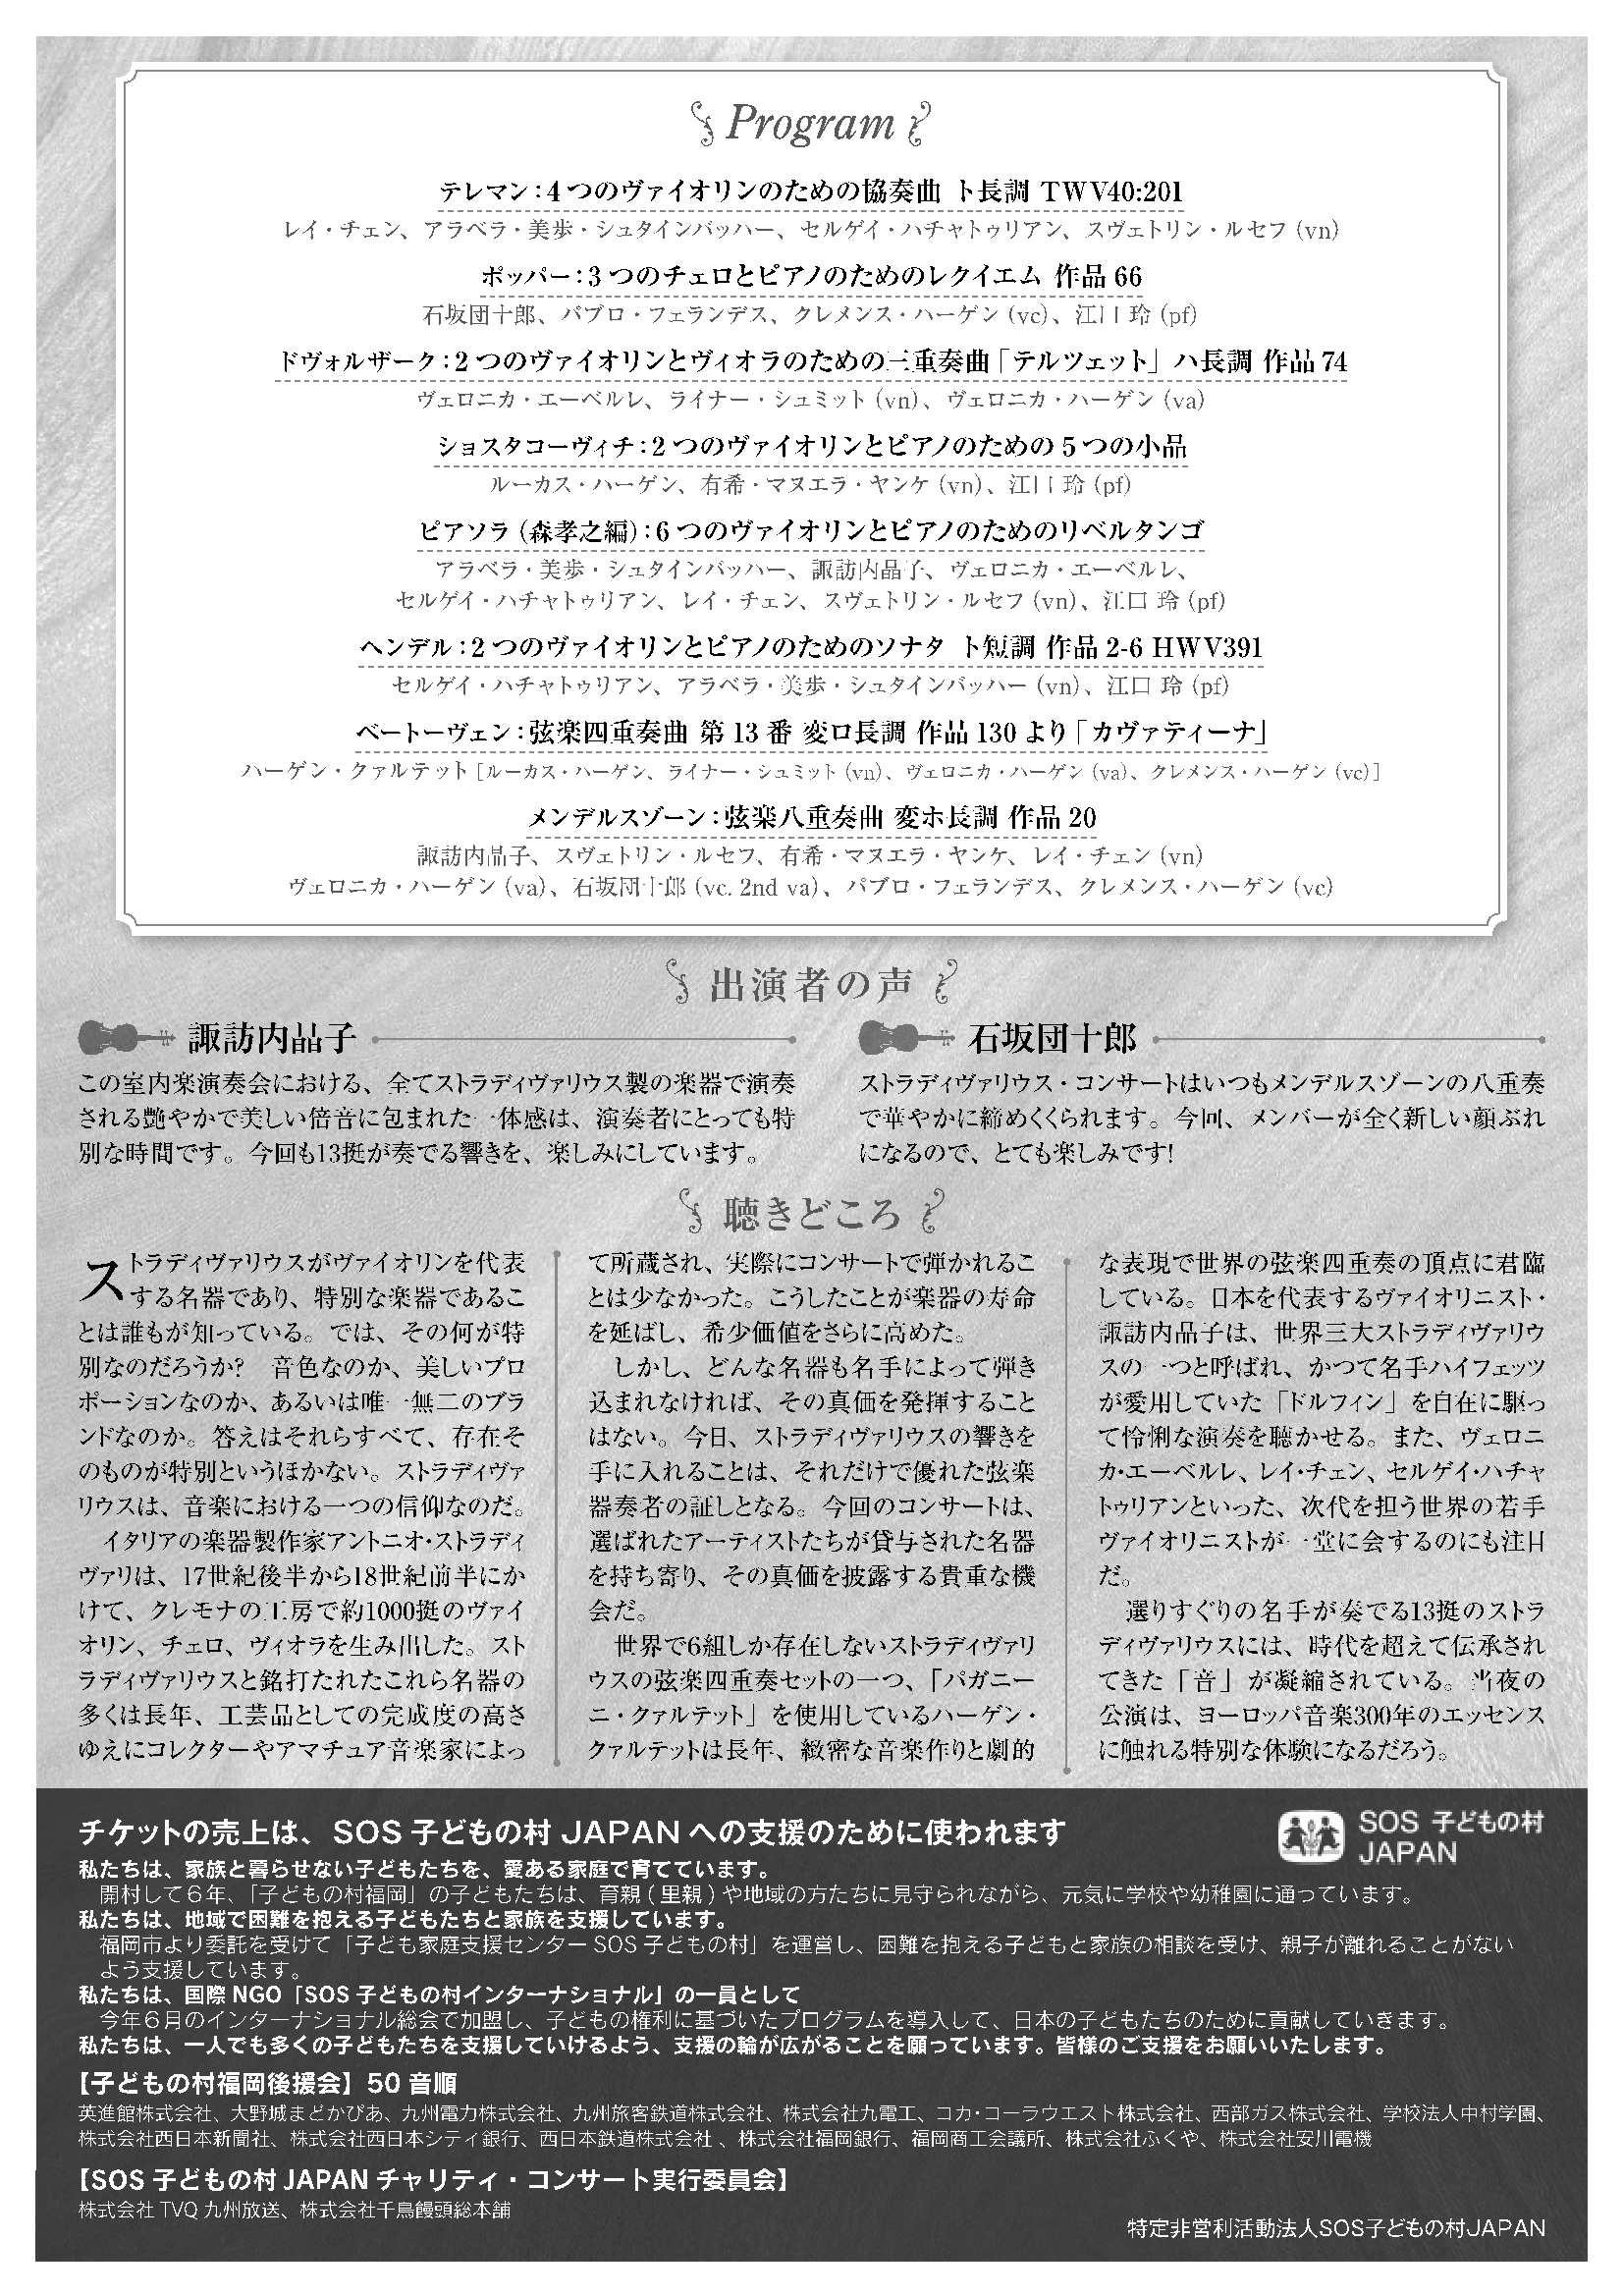 http://www.nmf.or.jp/news/imgdir/AllStrad2016_Fukuoka.jpg